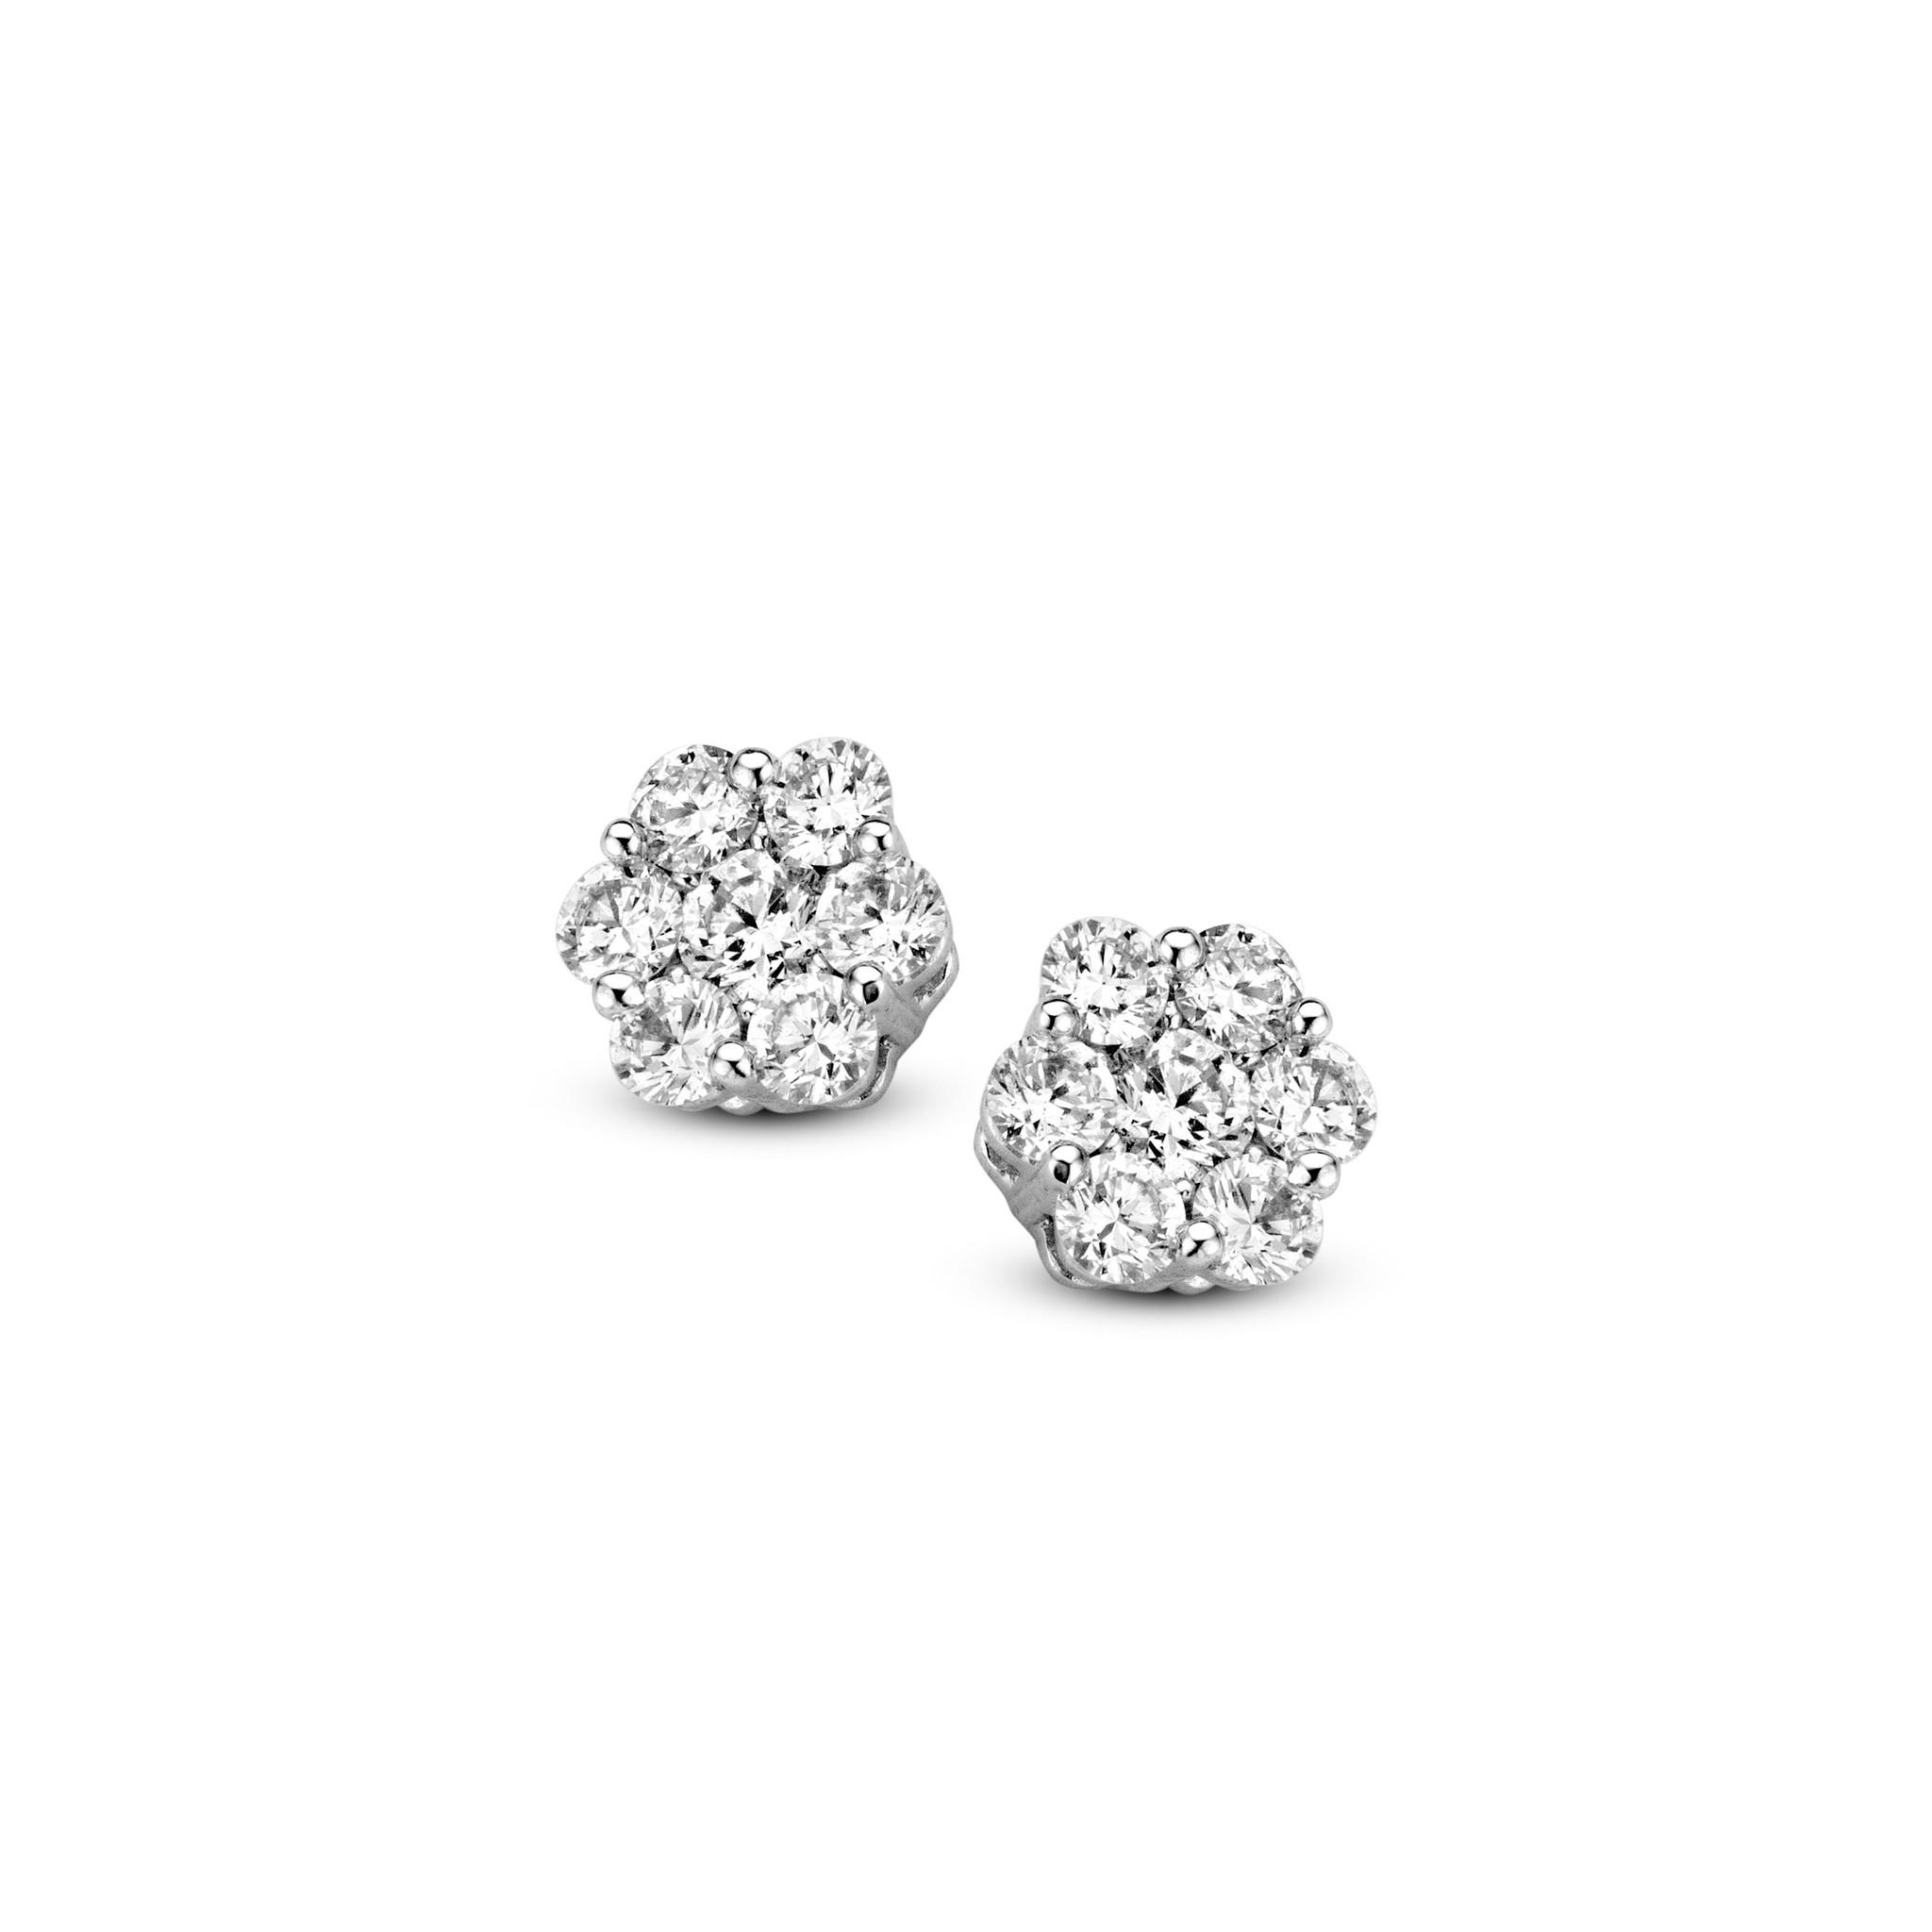 Private Label CvdK Een paar 14 krt. witgouden entourage oorknoppen met diamant, 14 x briljant geslepen, totaal 0,30 ct. H/SI